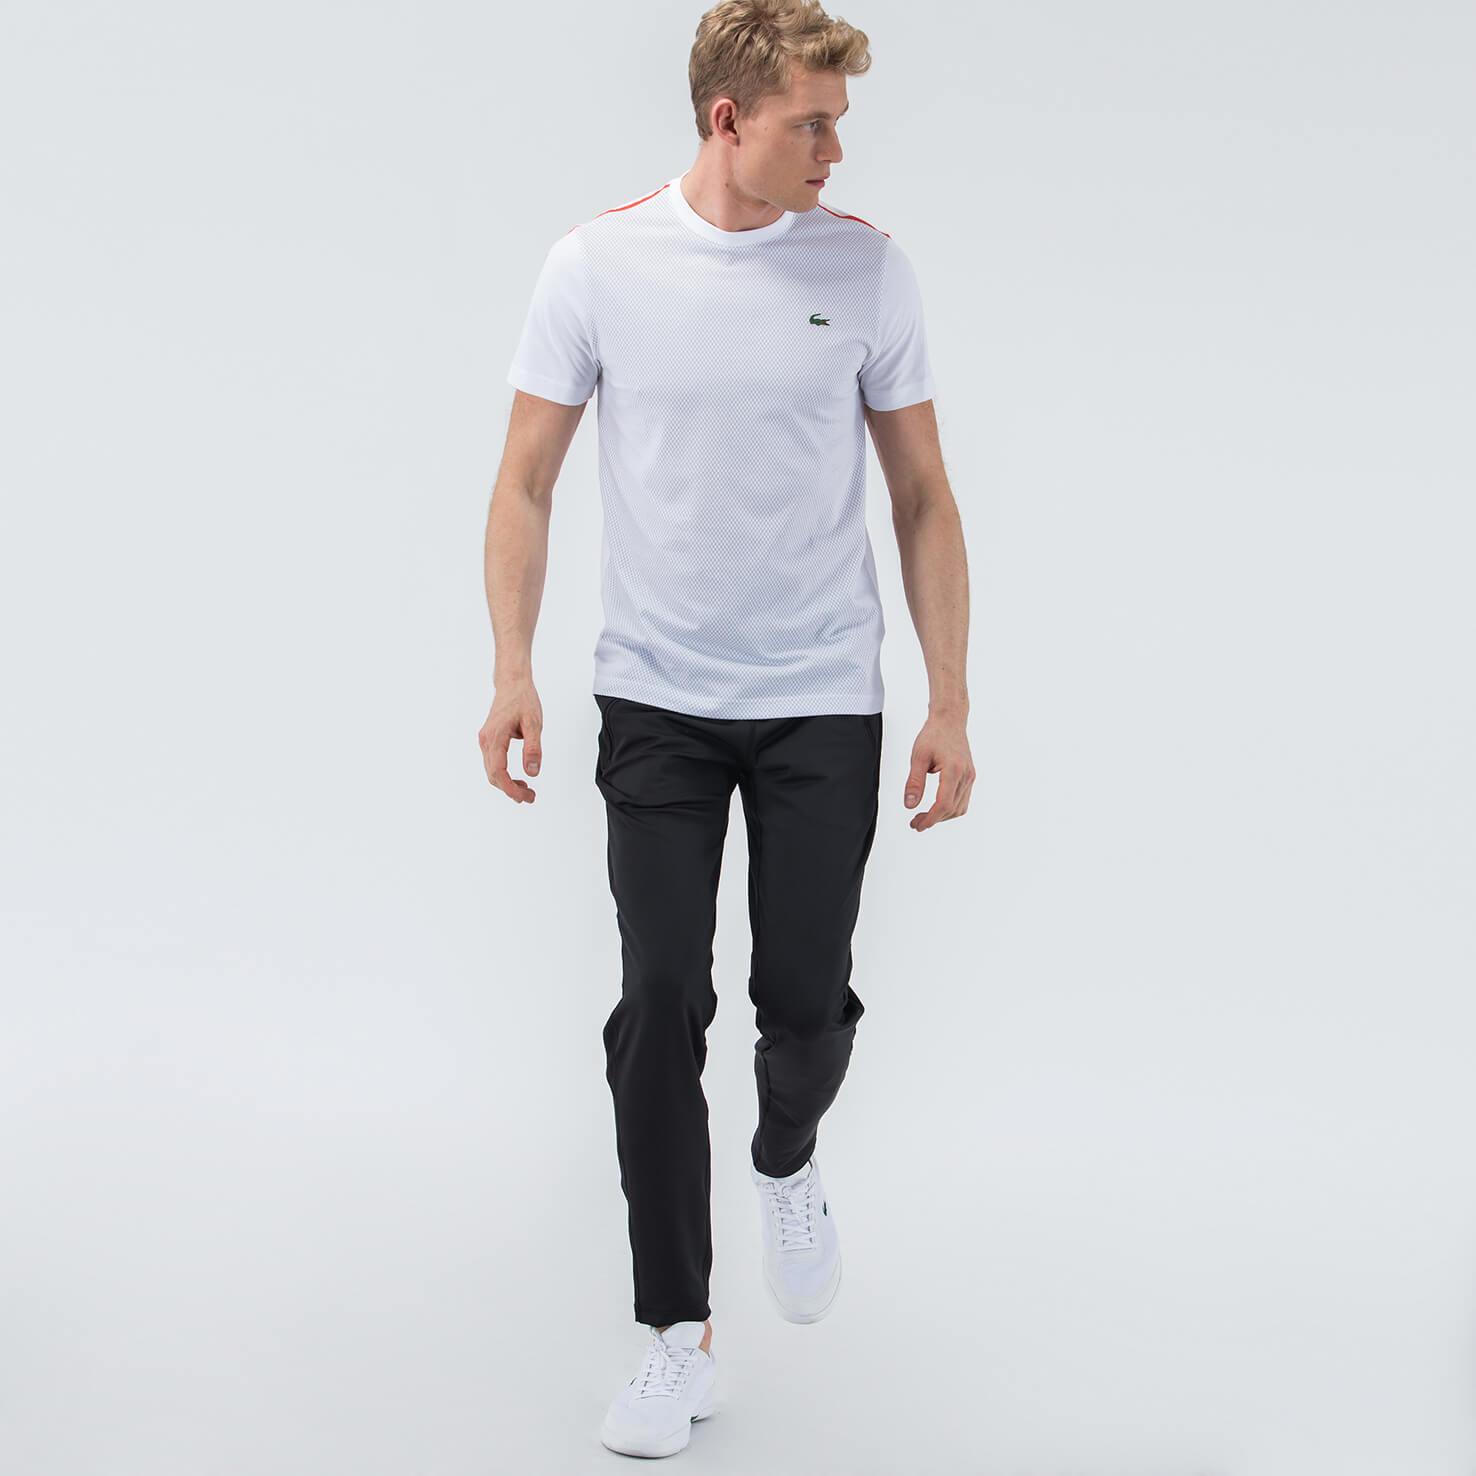 Спортивные штаны LacosteСпортивная одежда<br>87%Полиэстер 13%Эластан